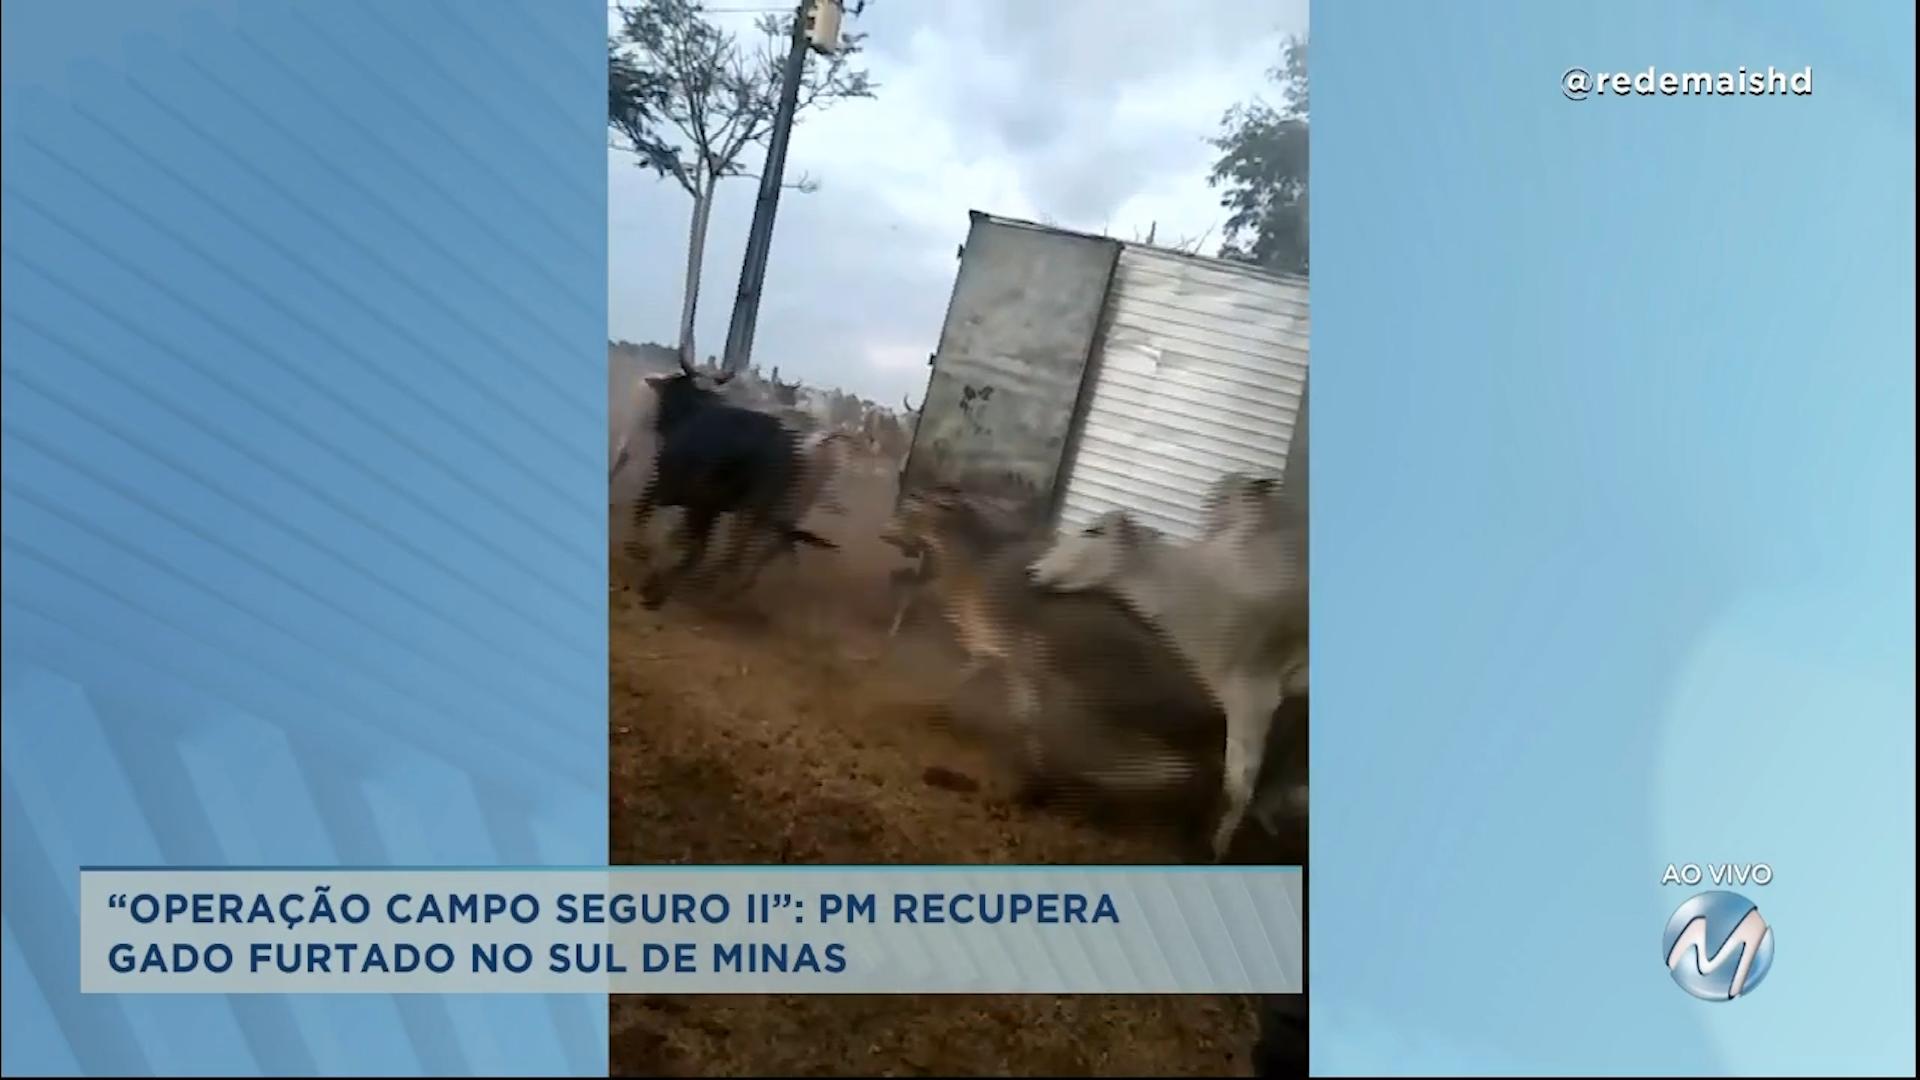 Em baú de caminhão: PM recupera gado furtado